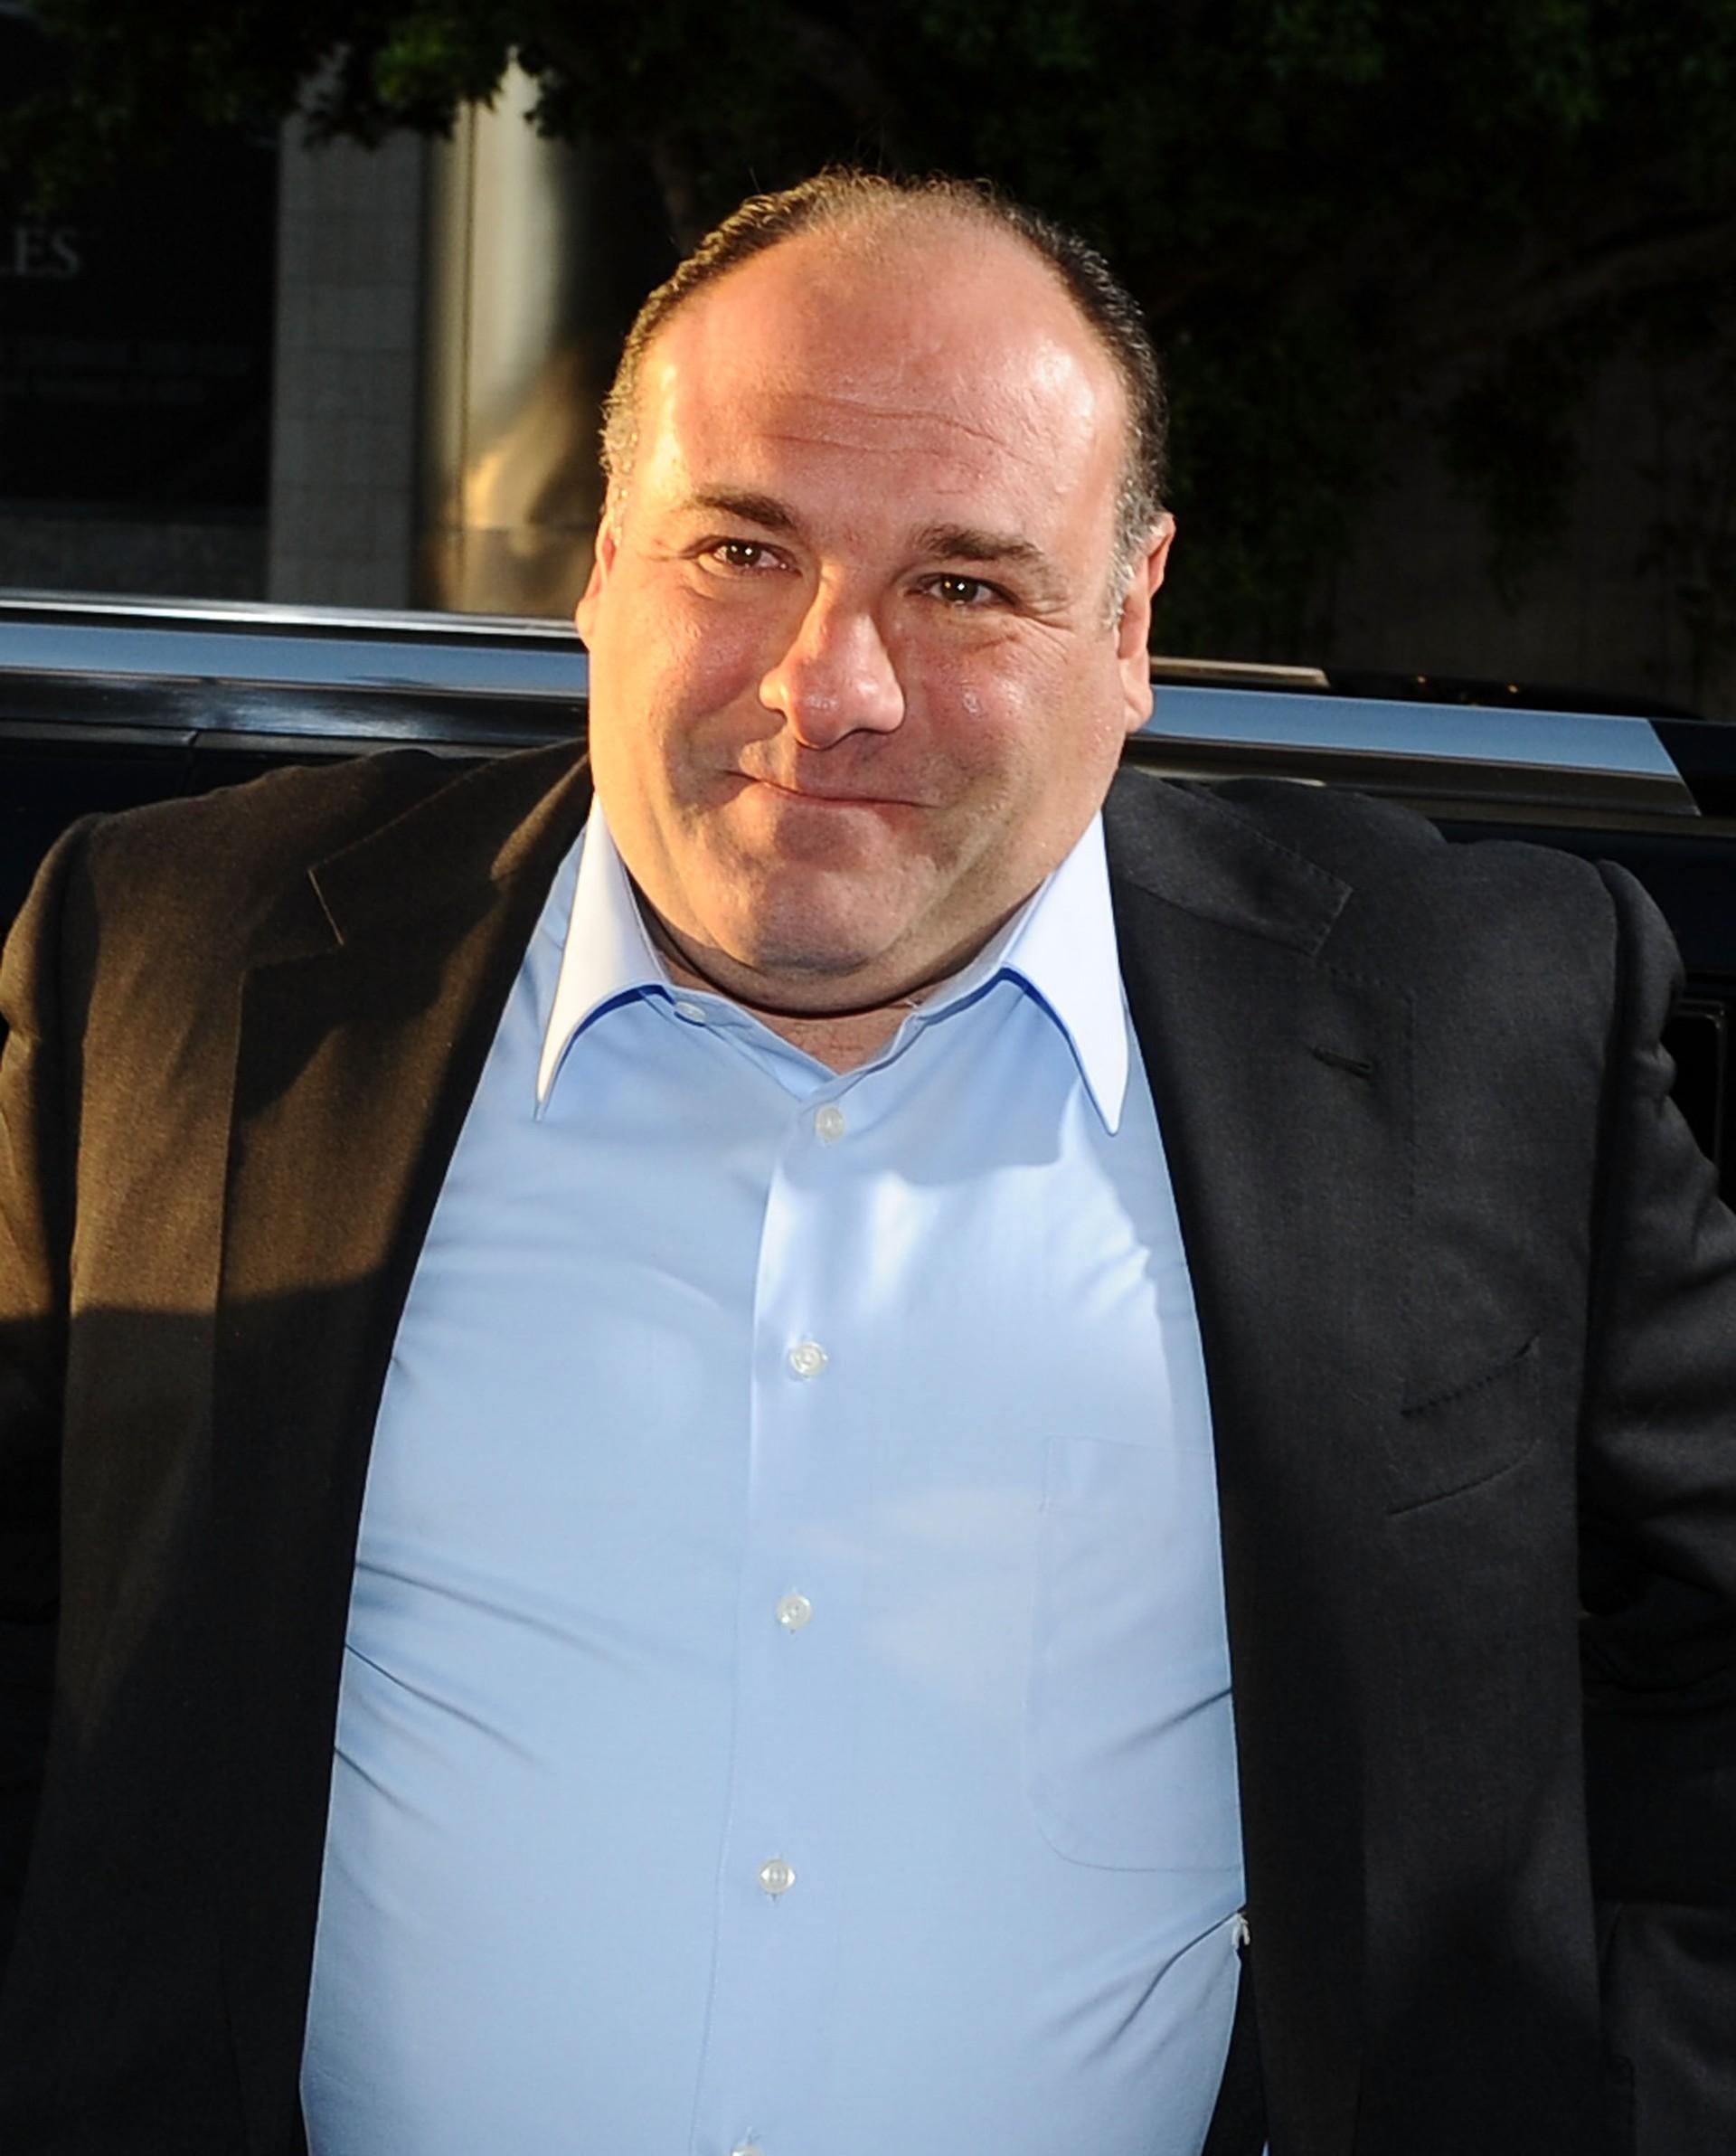 Gandolfini ganhou fama ao dar vida a Tony Soprano nas seis temporadas da série de TV 'The Sopranos'. Quando morreu inesperadamente por parada cardíaca durante as férias em Roma com amigos e família, atores como Samuel L. Jackson, Susan Sarandon e Olivia Wilde aplaudiram seu talento e bondade. (Foto: Getty Images)